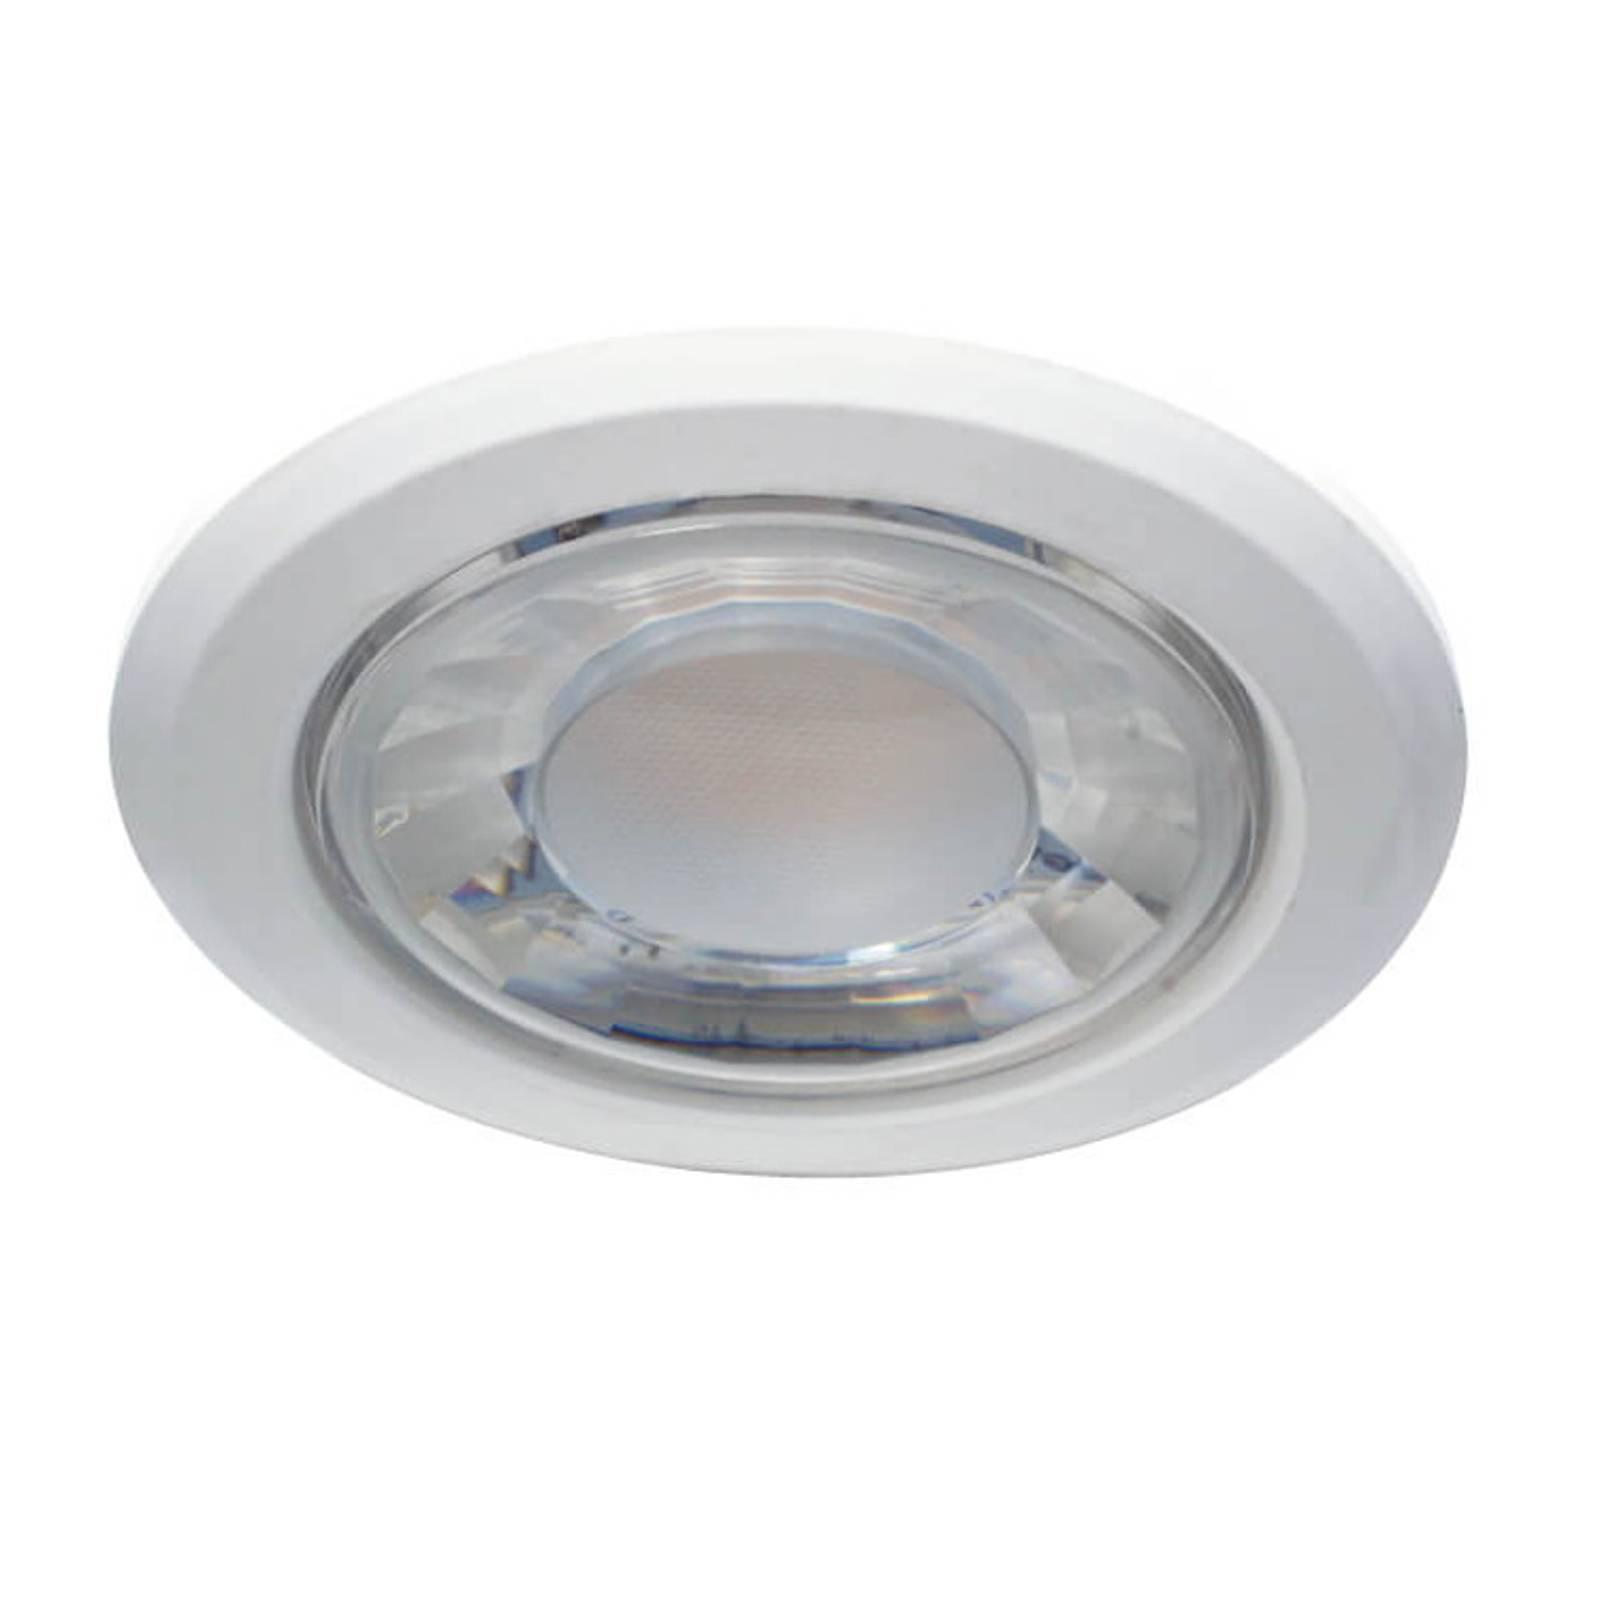 LED-uppokohdevalaisin Dekto 10,5cm 60° 15W 4000K